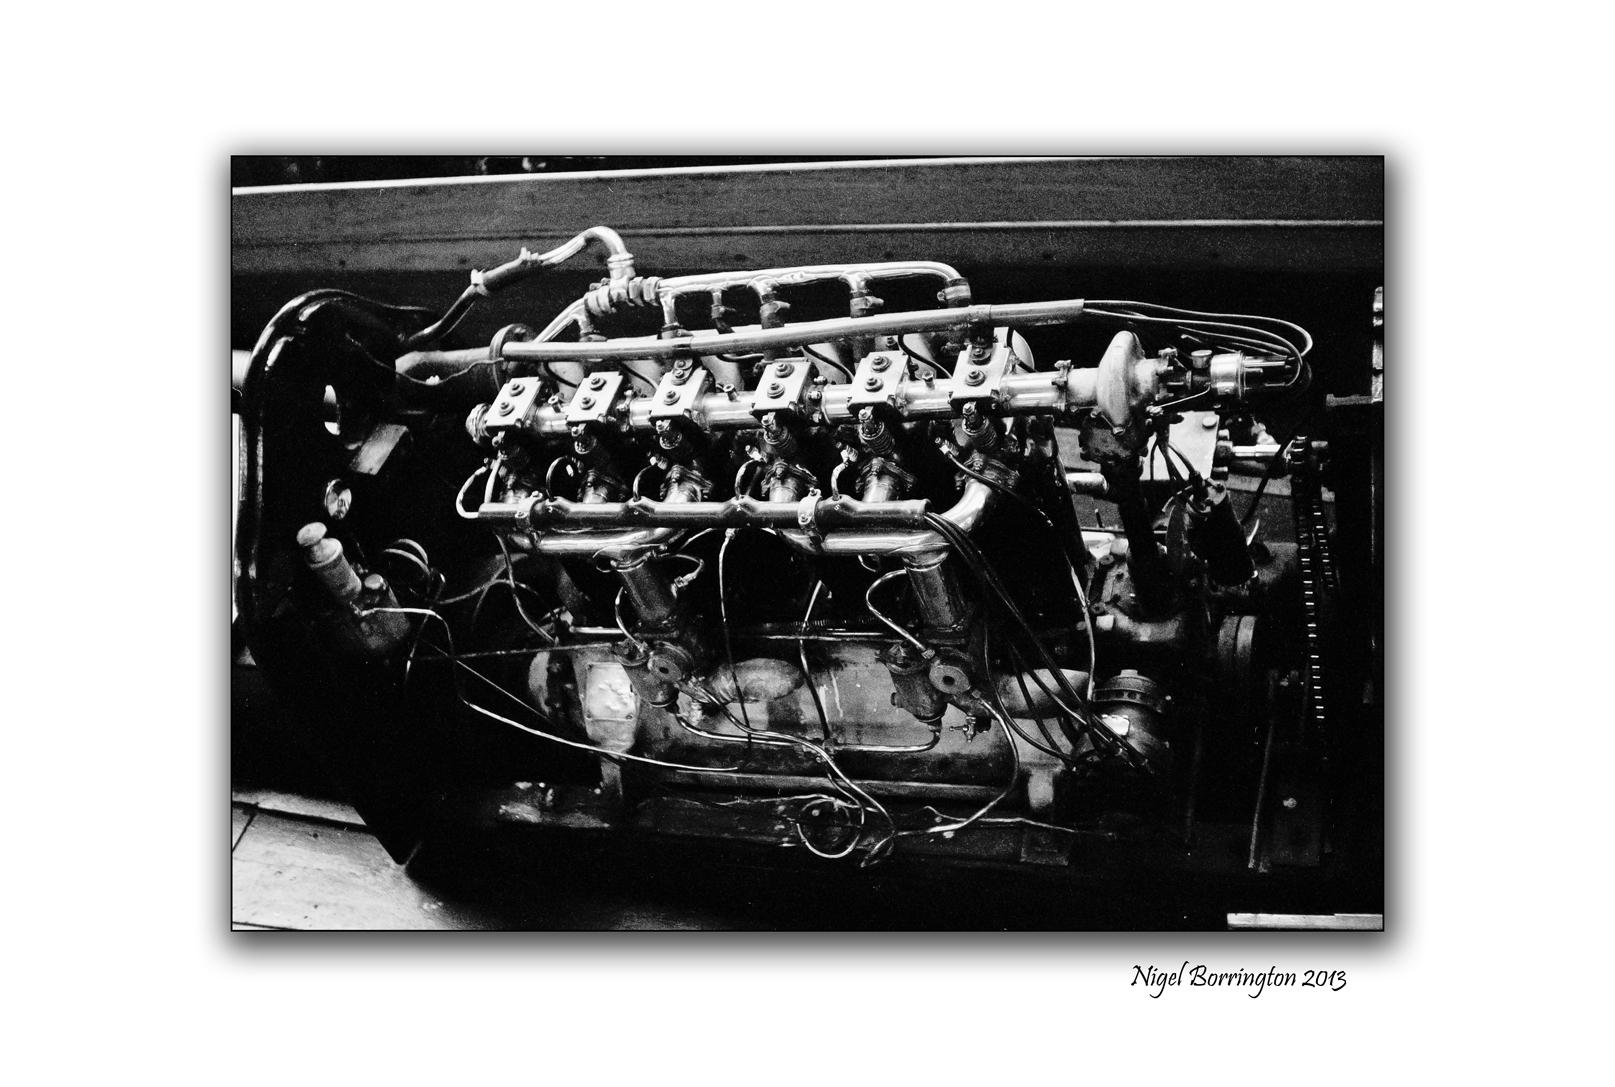 blue bird engine